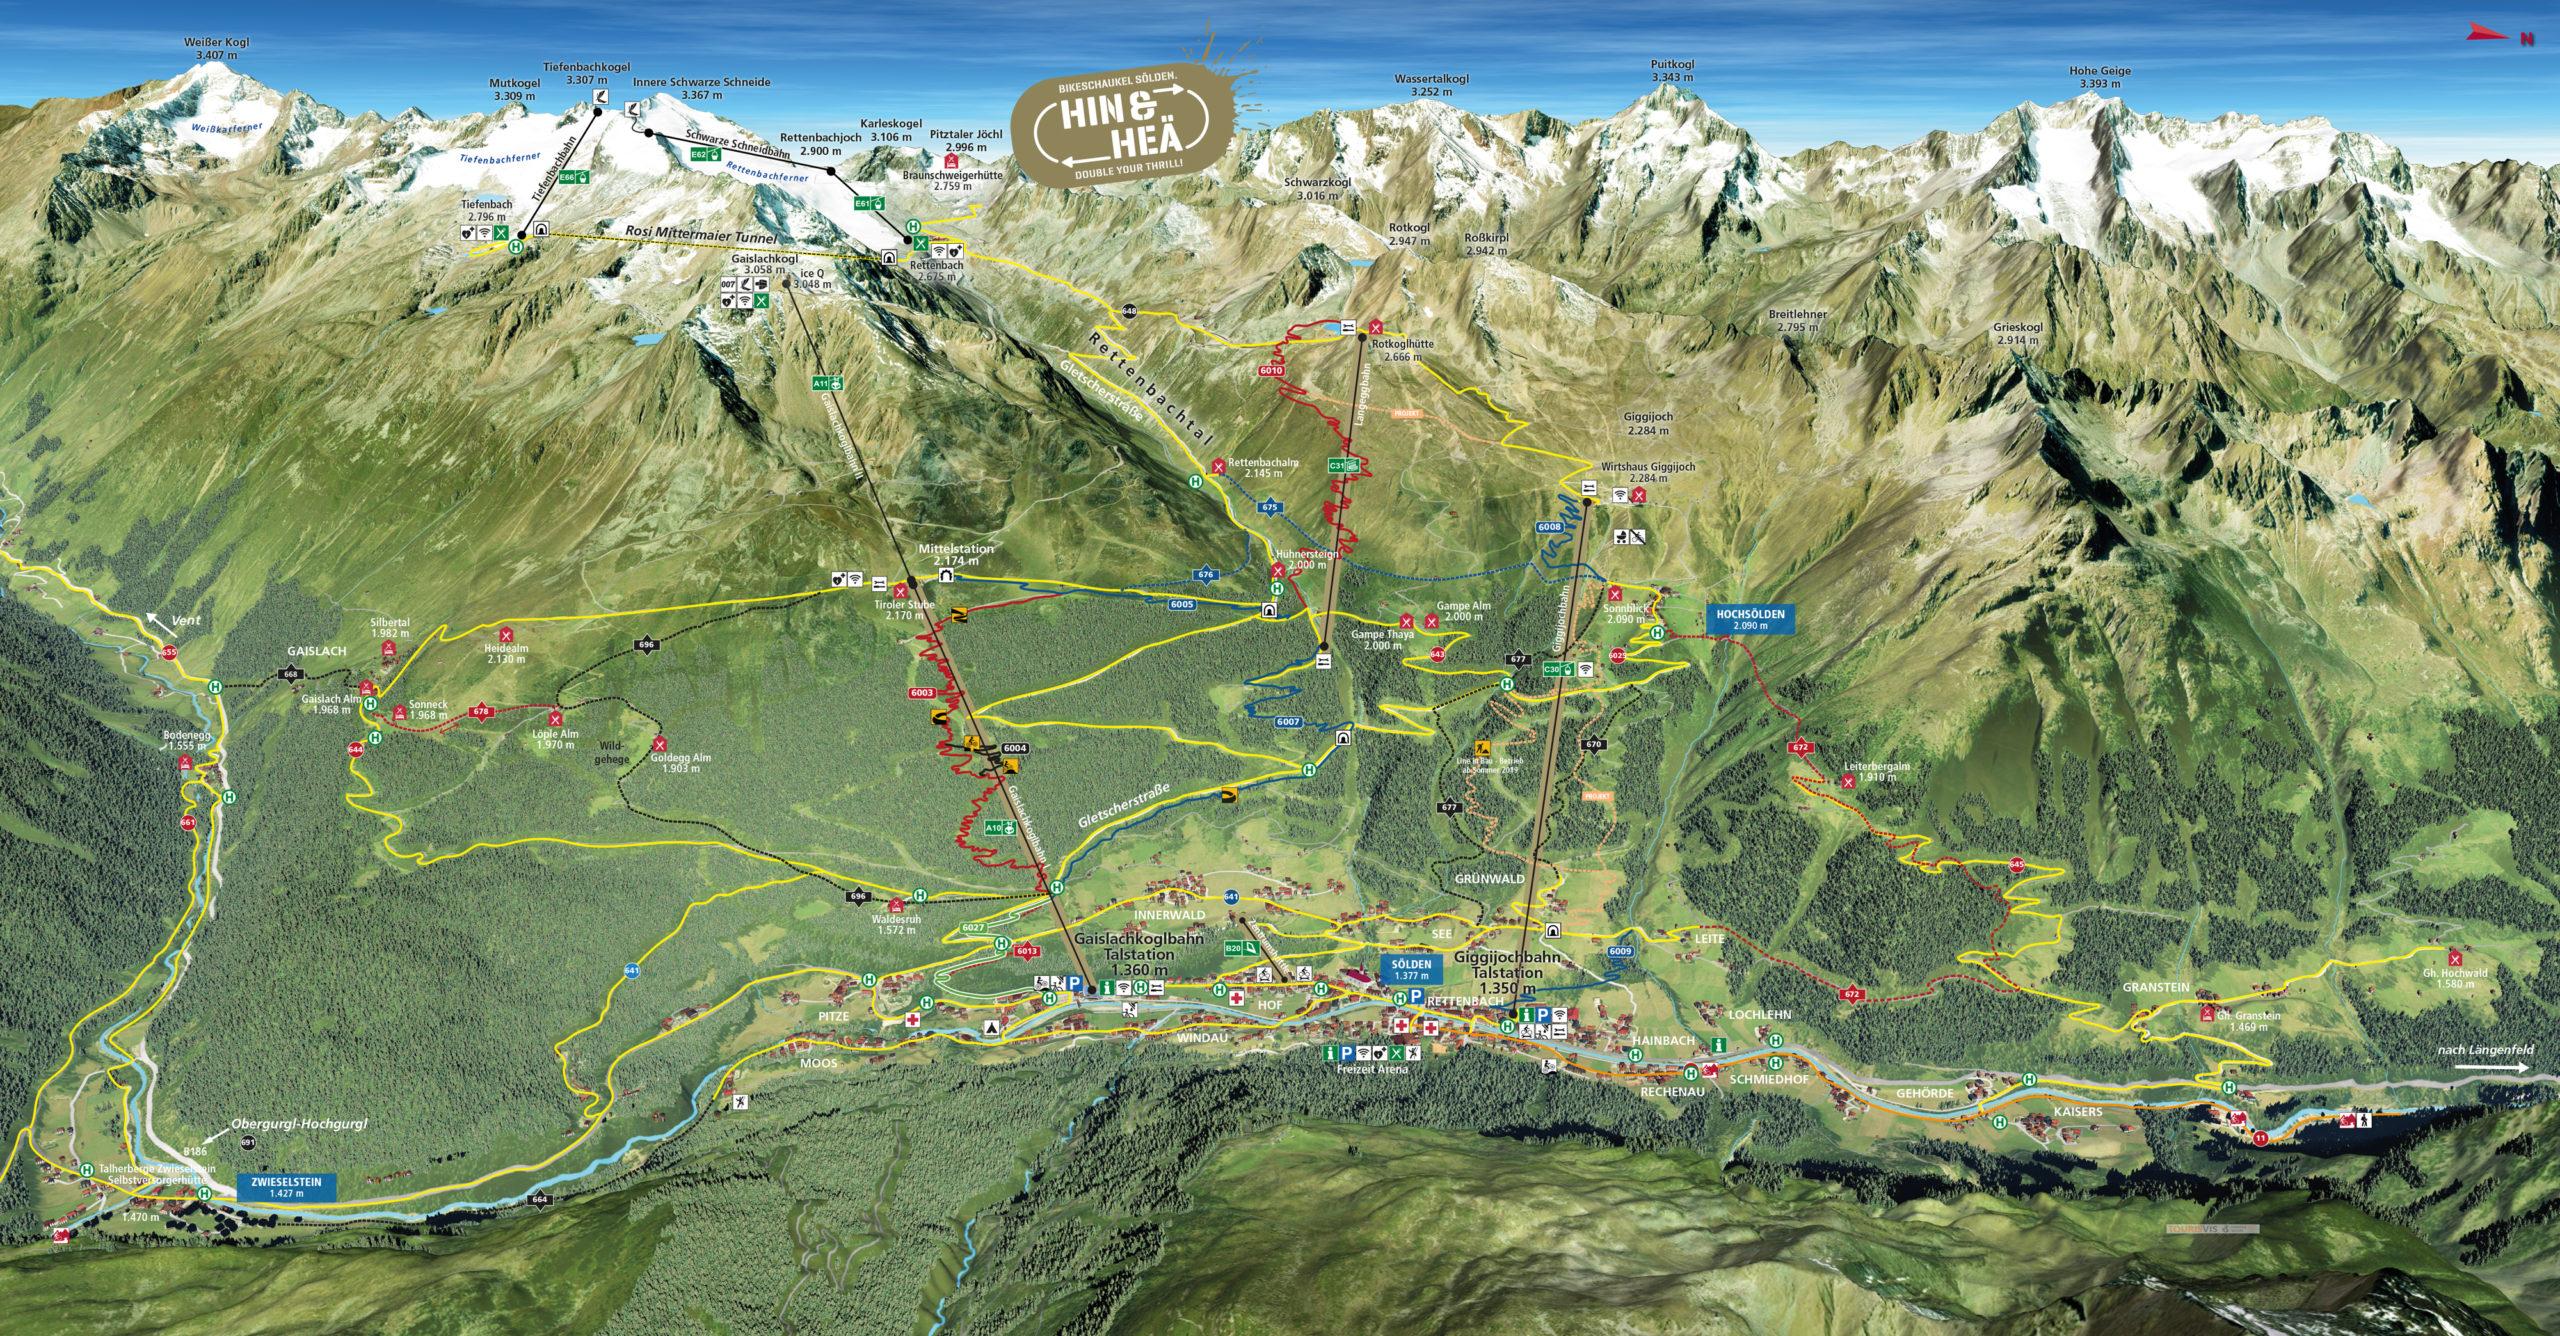 3D Panoramakarte Biken Trailmap Almzeit Soelden